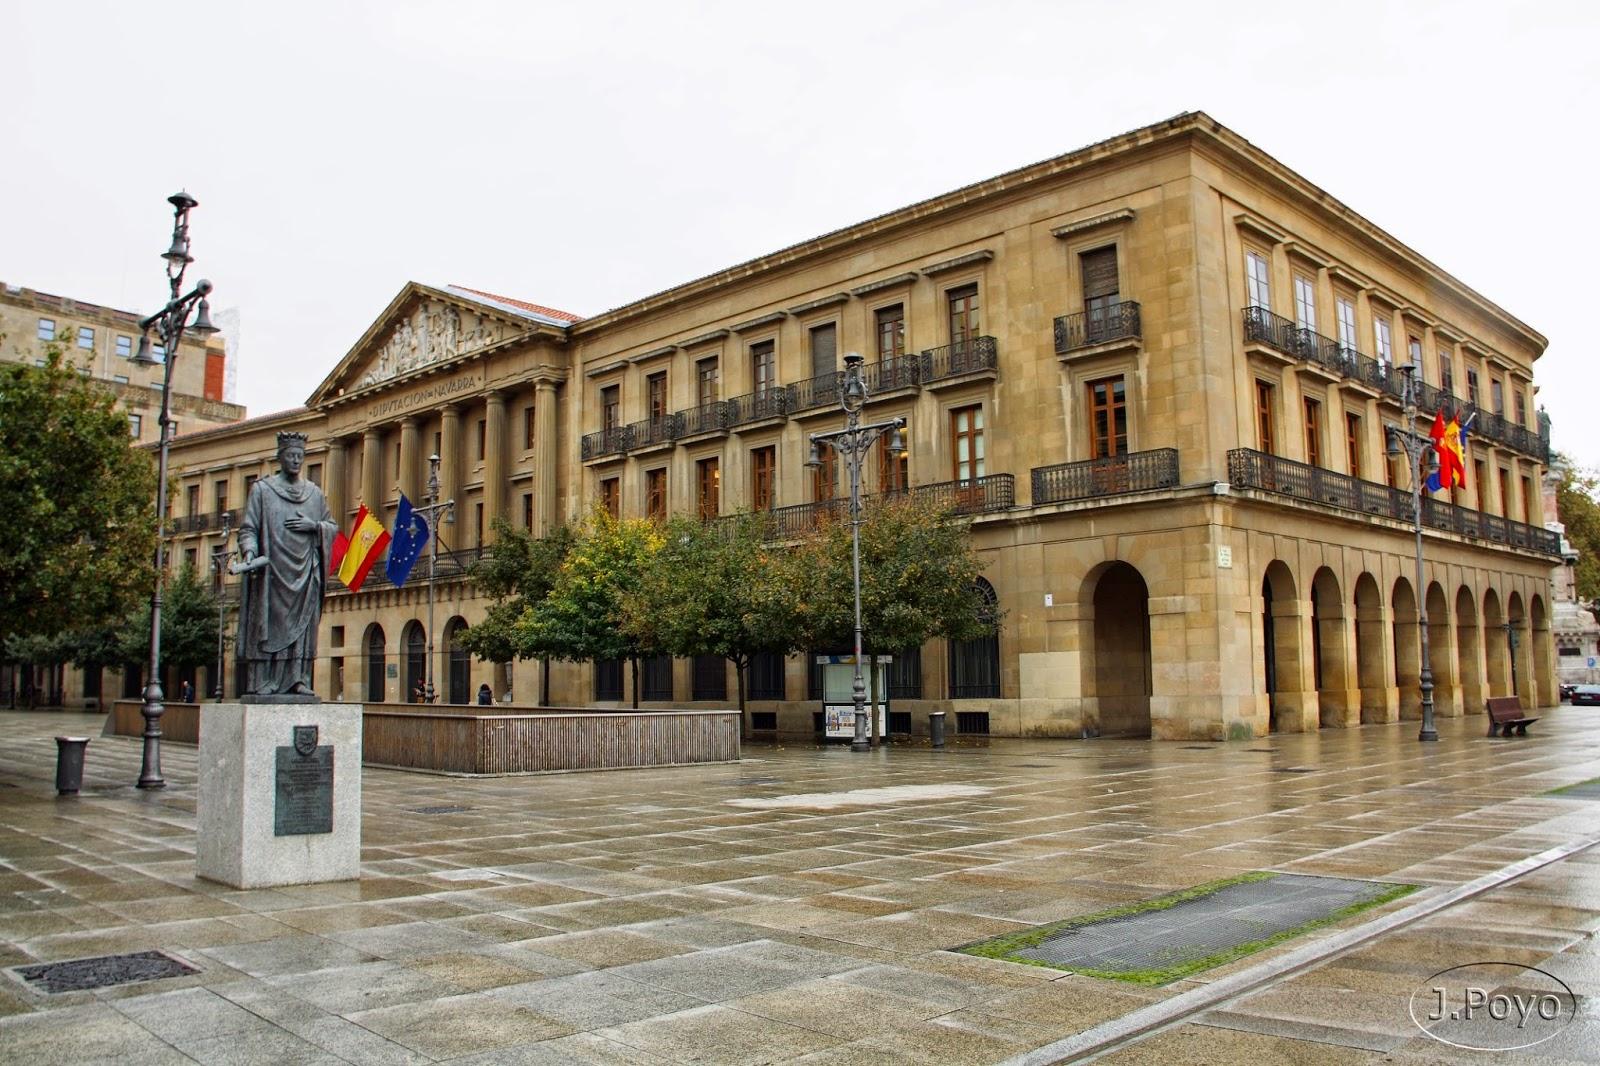 Palacio de Navarra de Pamplona